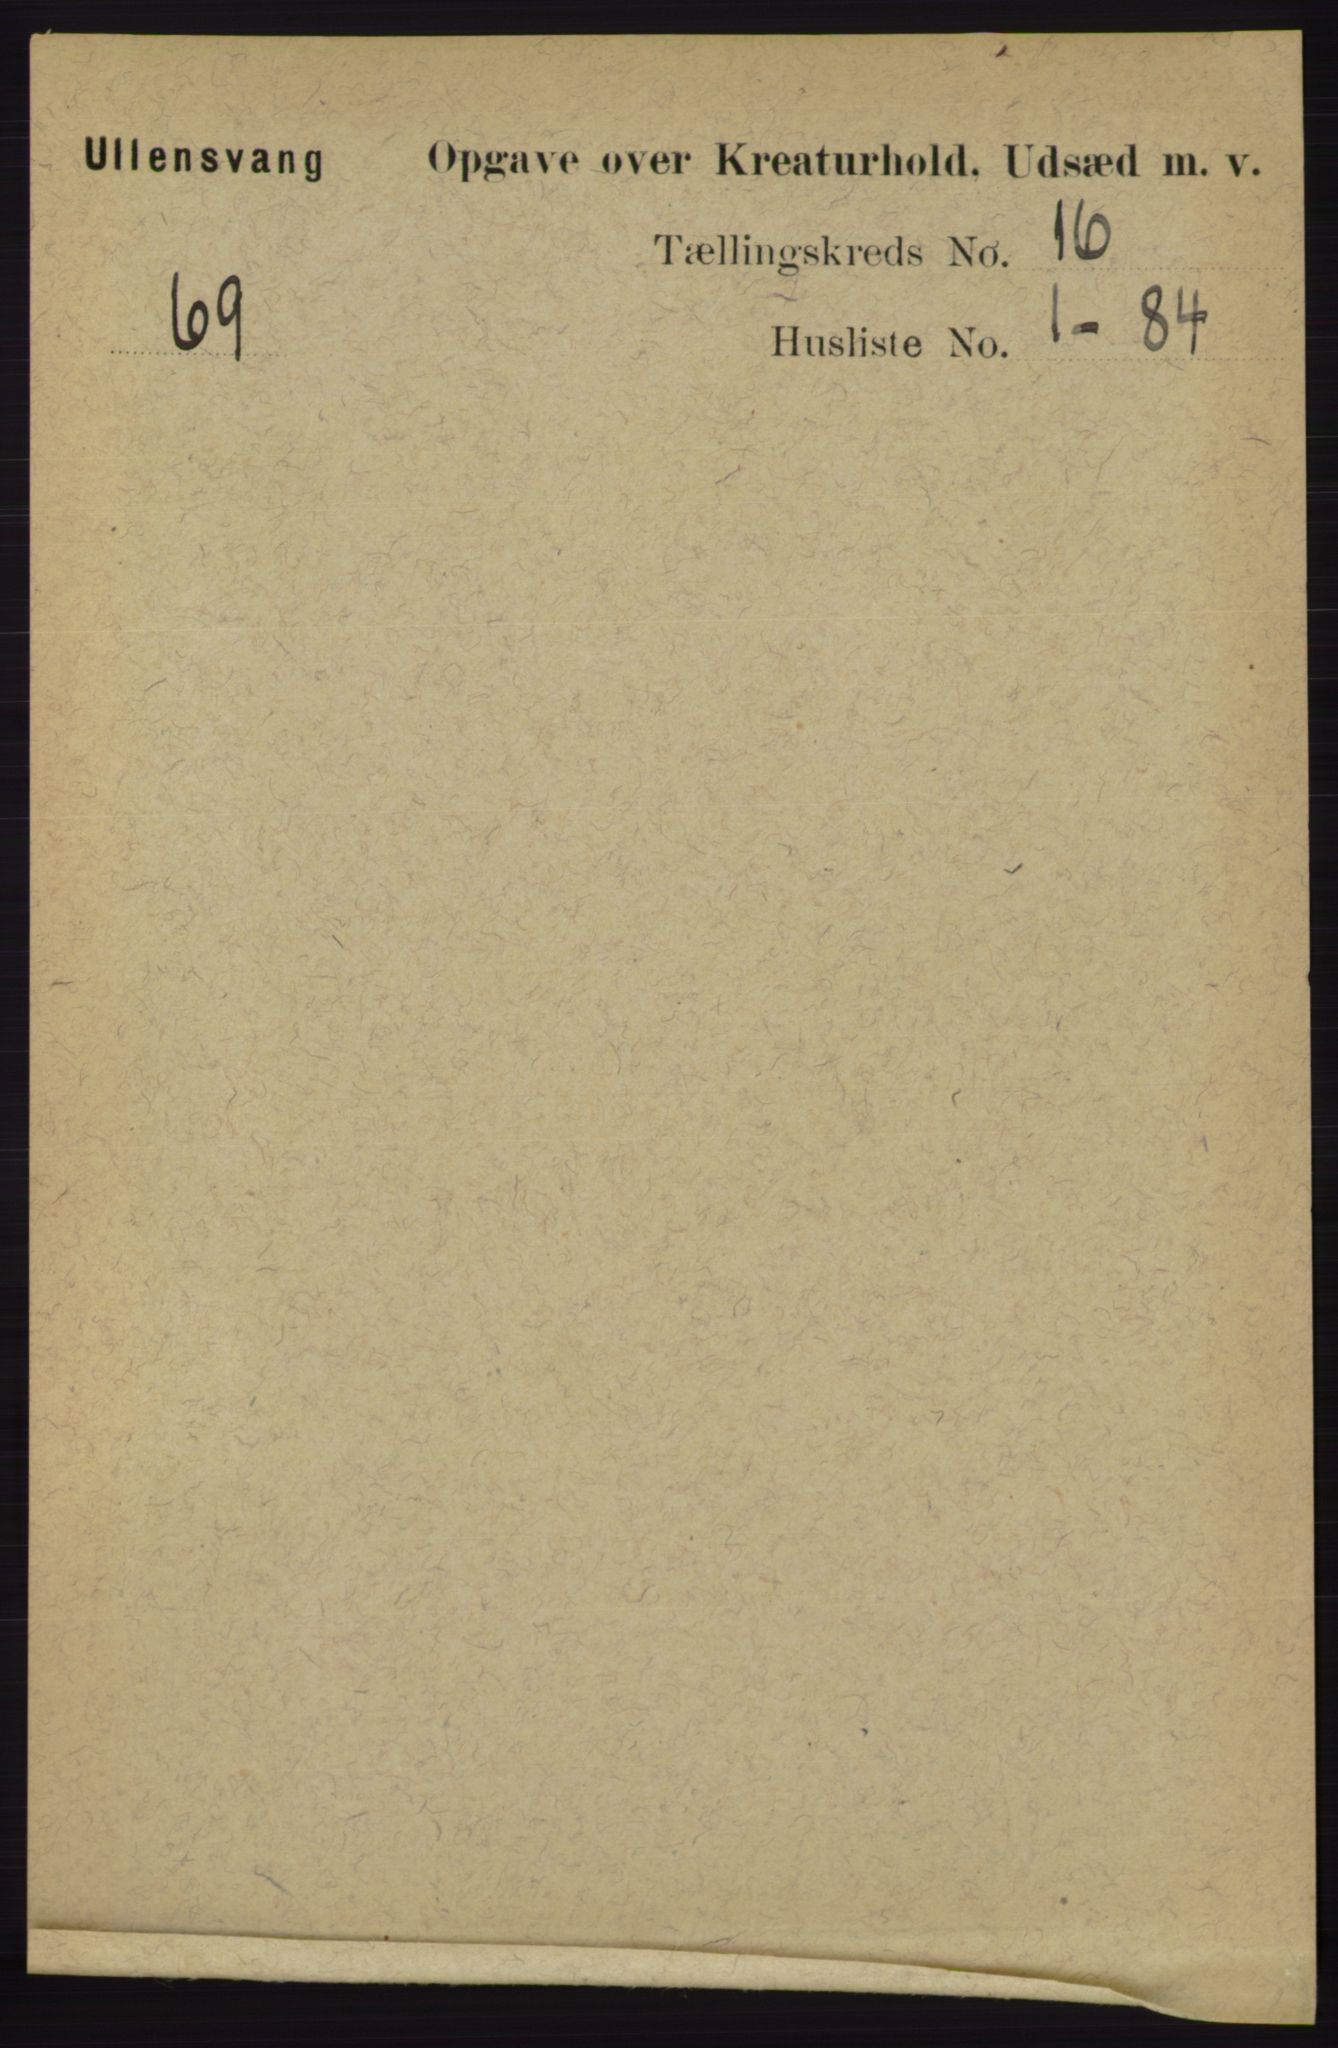 RA, Folketelling 1891 for 1230 Ullensvang herred, 1891, s. 8513